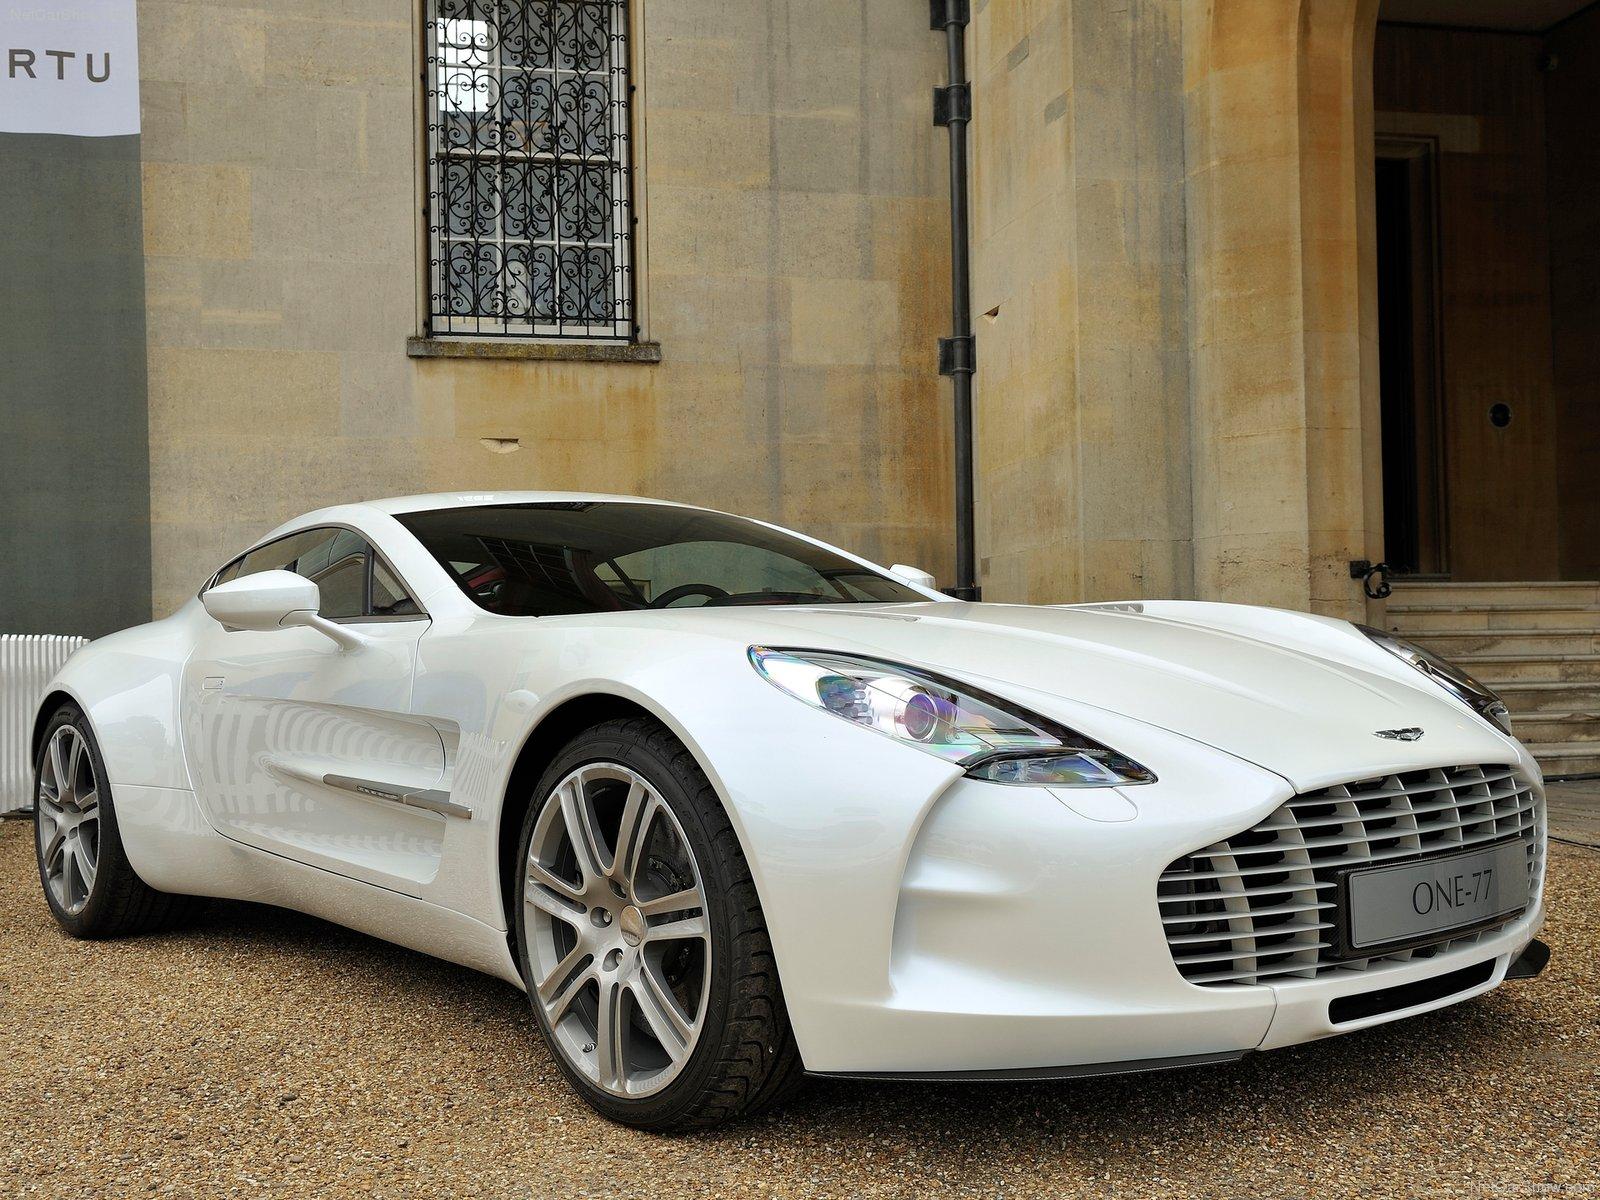 Aston Martin One-77 thực sự là một siêu phẩm tuyệt đẹp trong làng siêu xe